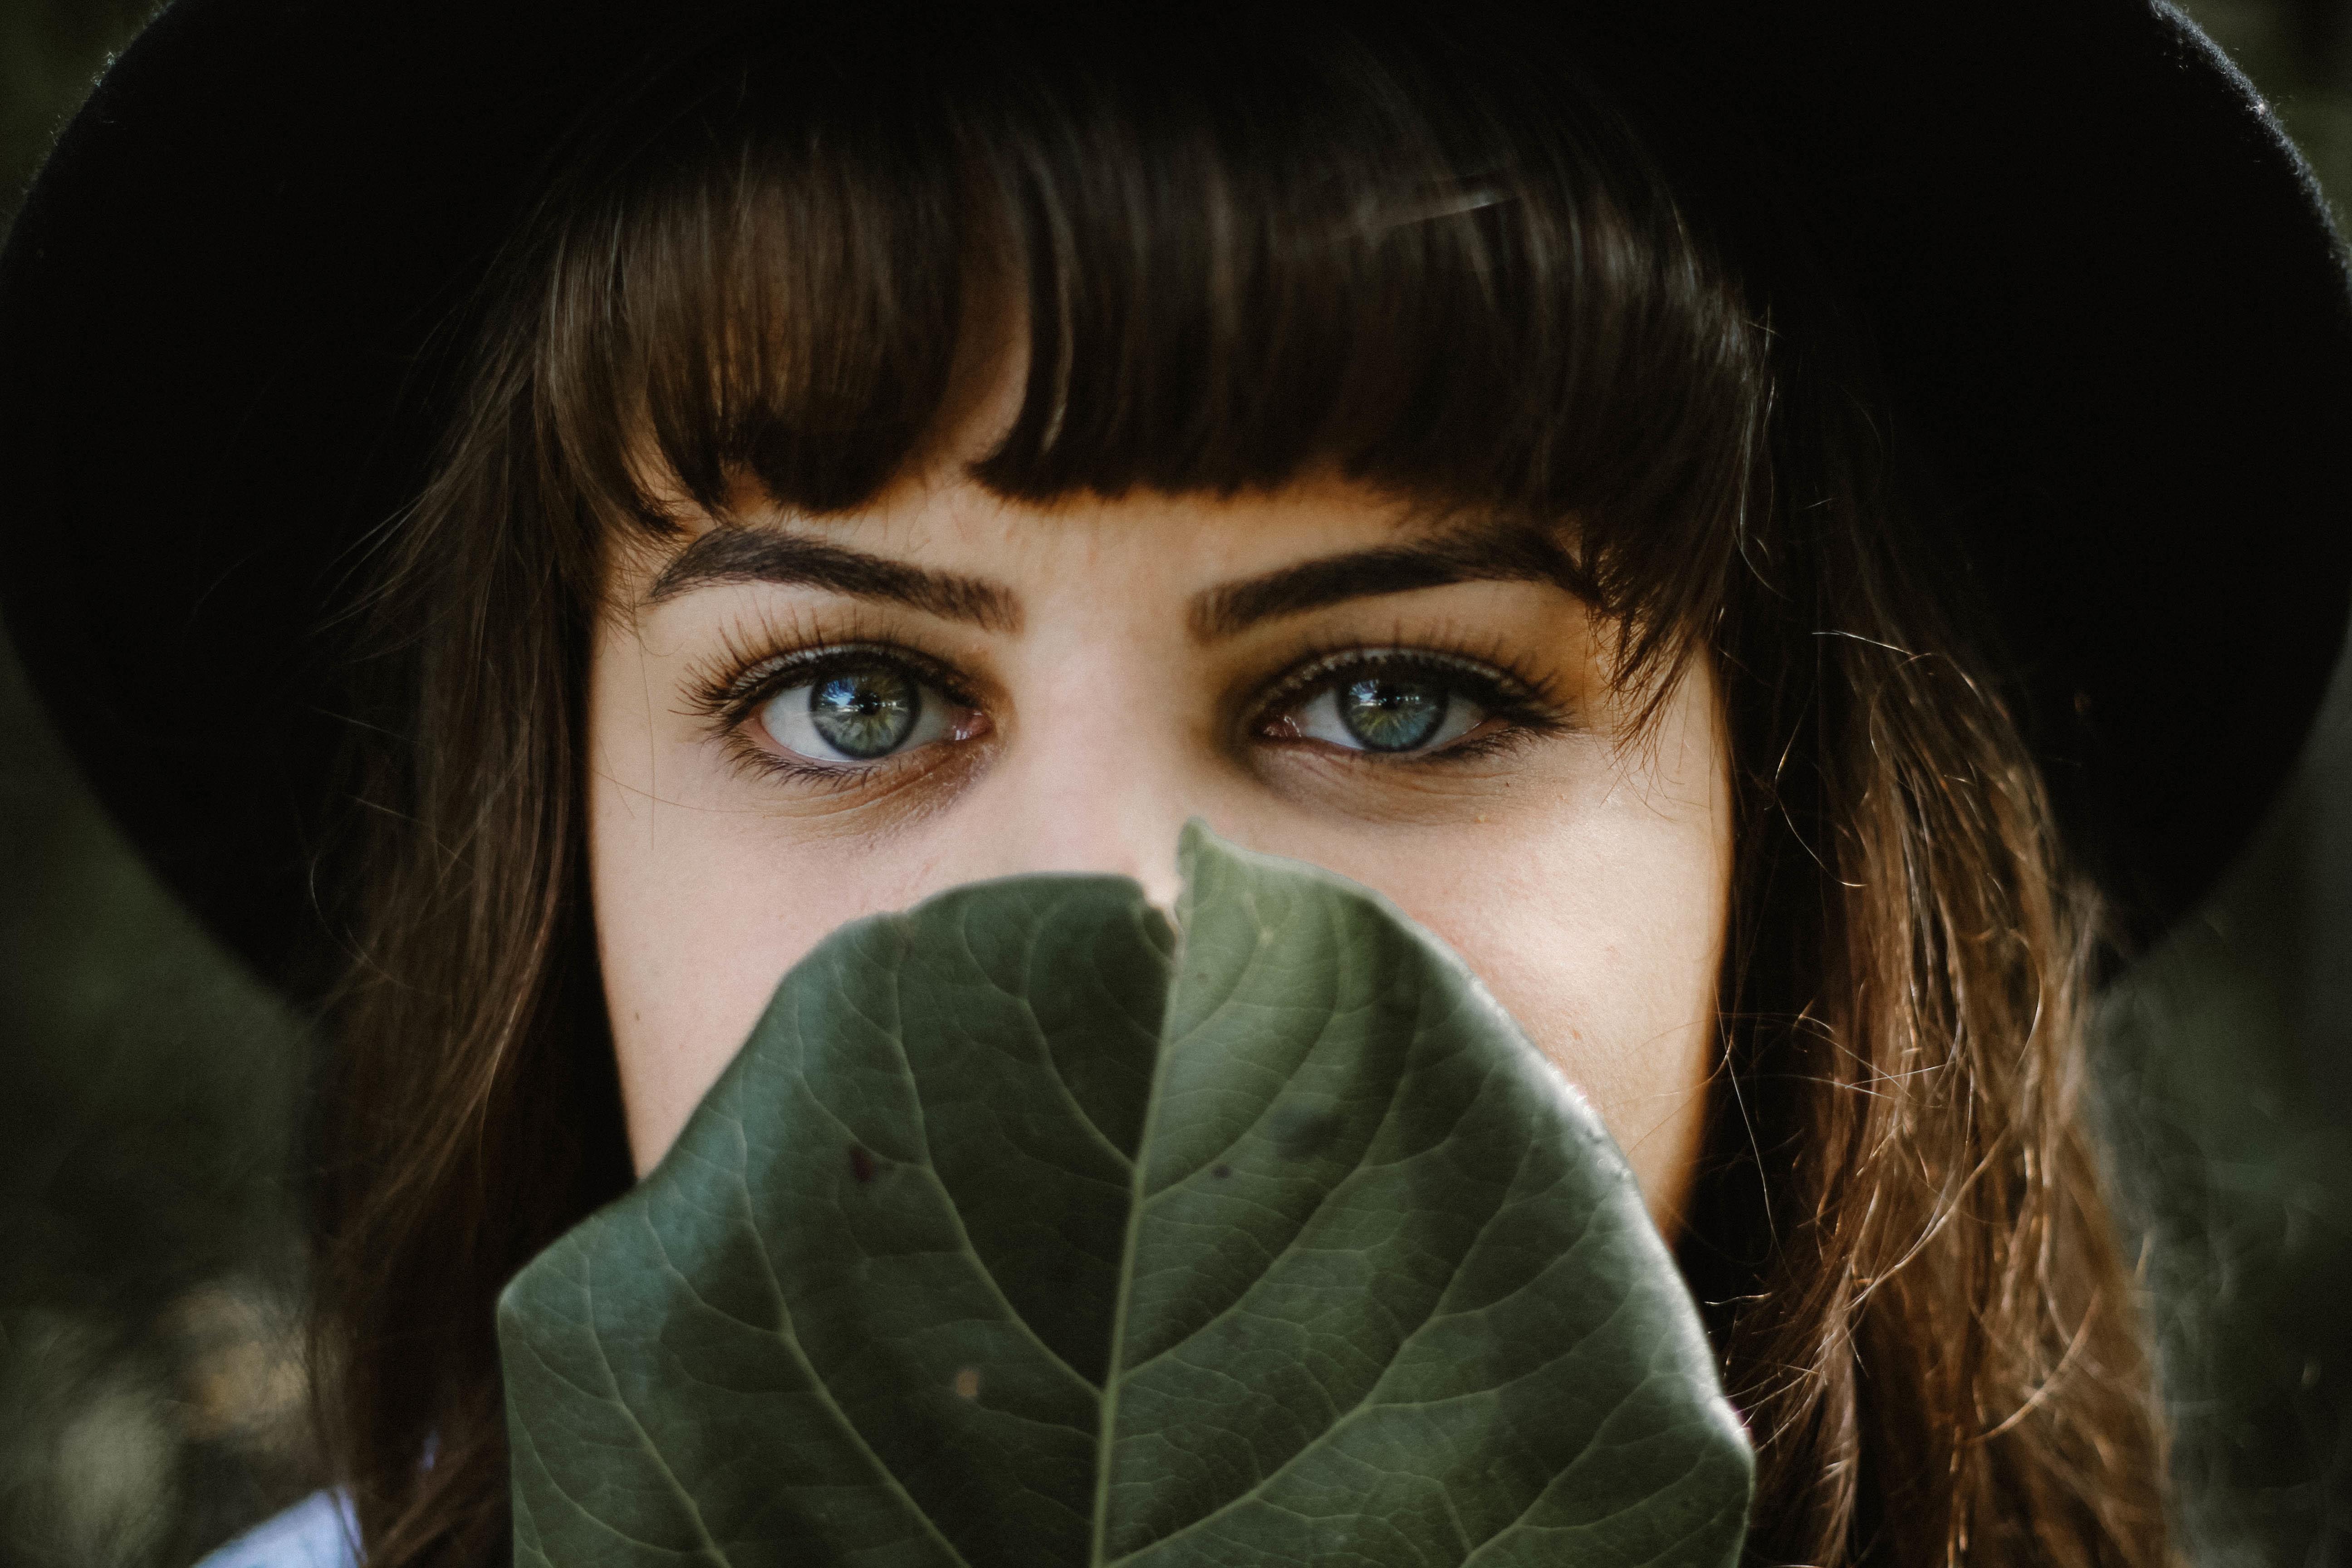 Félsz emberek közé menni, vagy előttük beszélni? – 5 tipp, hogy felülkerekedj a szociális fóbiádon